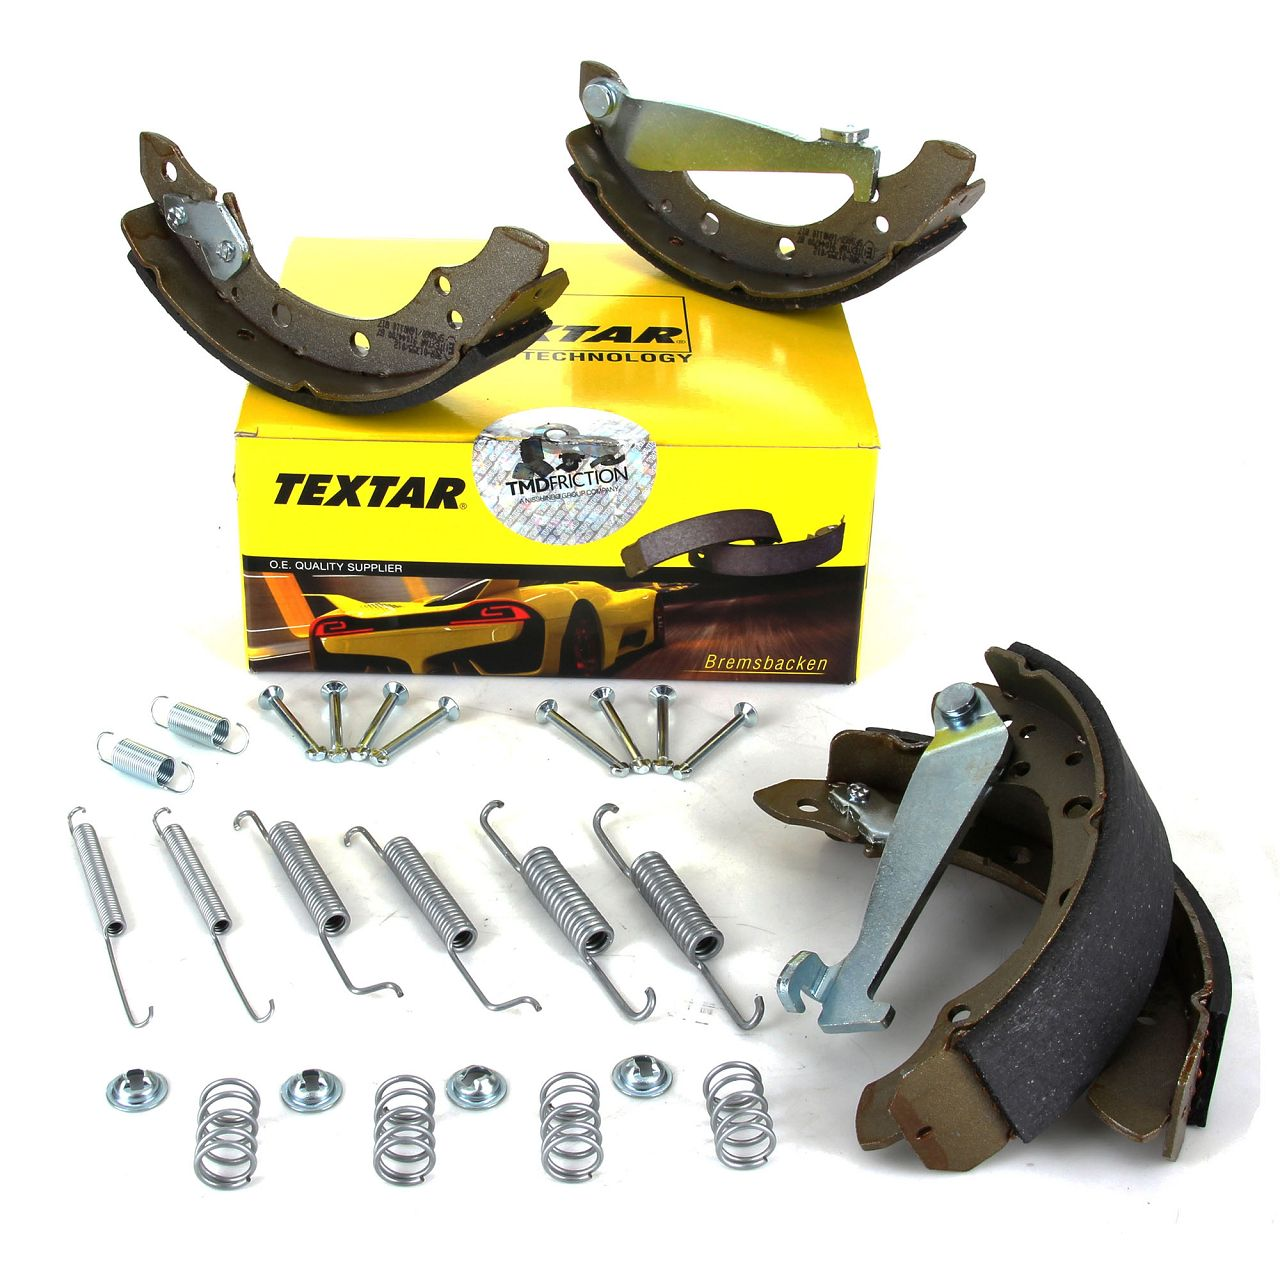 TEXTAR 91044700 Bremsbacken + Federn Satz VW Lupo Polo 6N SEAT Arosa Ibiza 2 ohne ABS